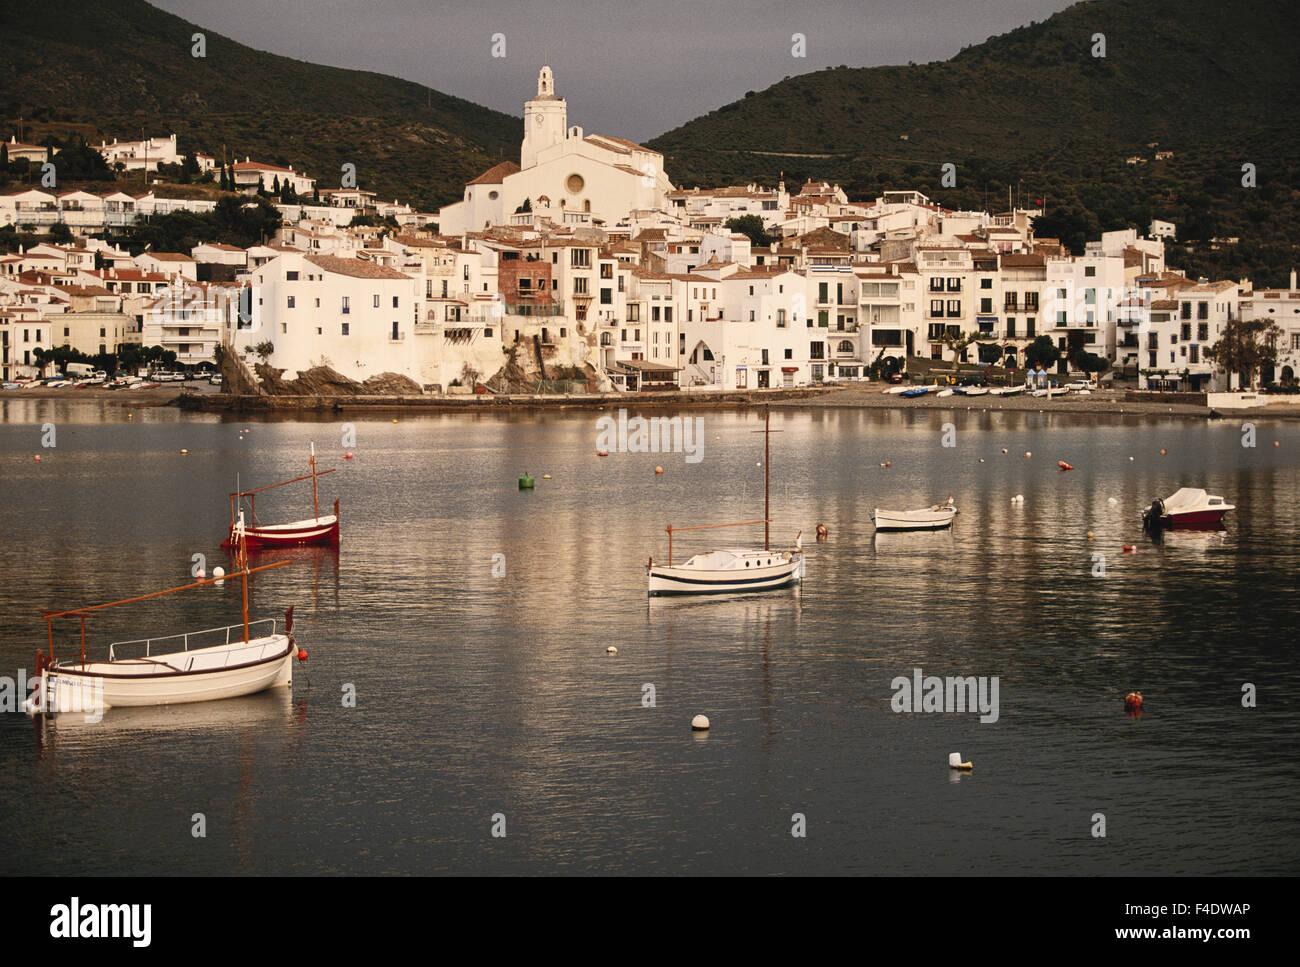 In Spagna, in Catalogna, Costa Brava. barche. (Grandi dimensioni formato disponibile) Immagini Stock